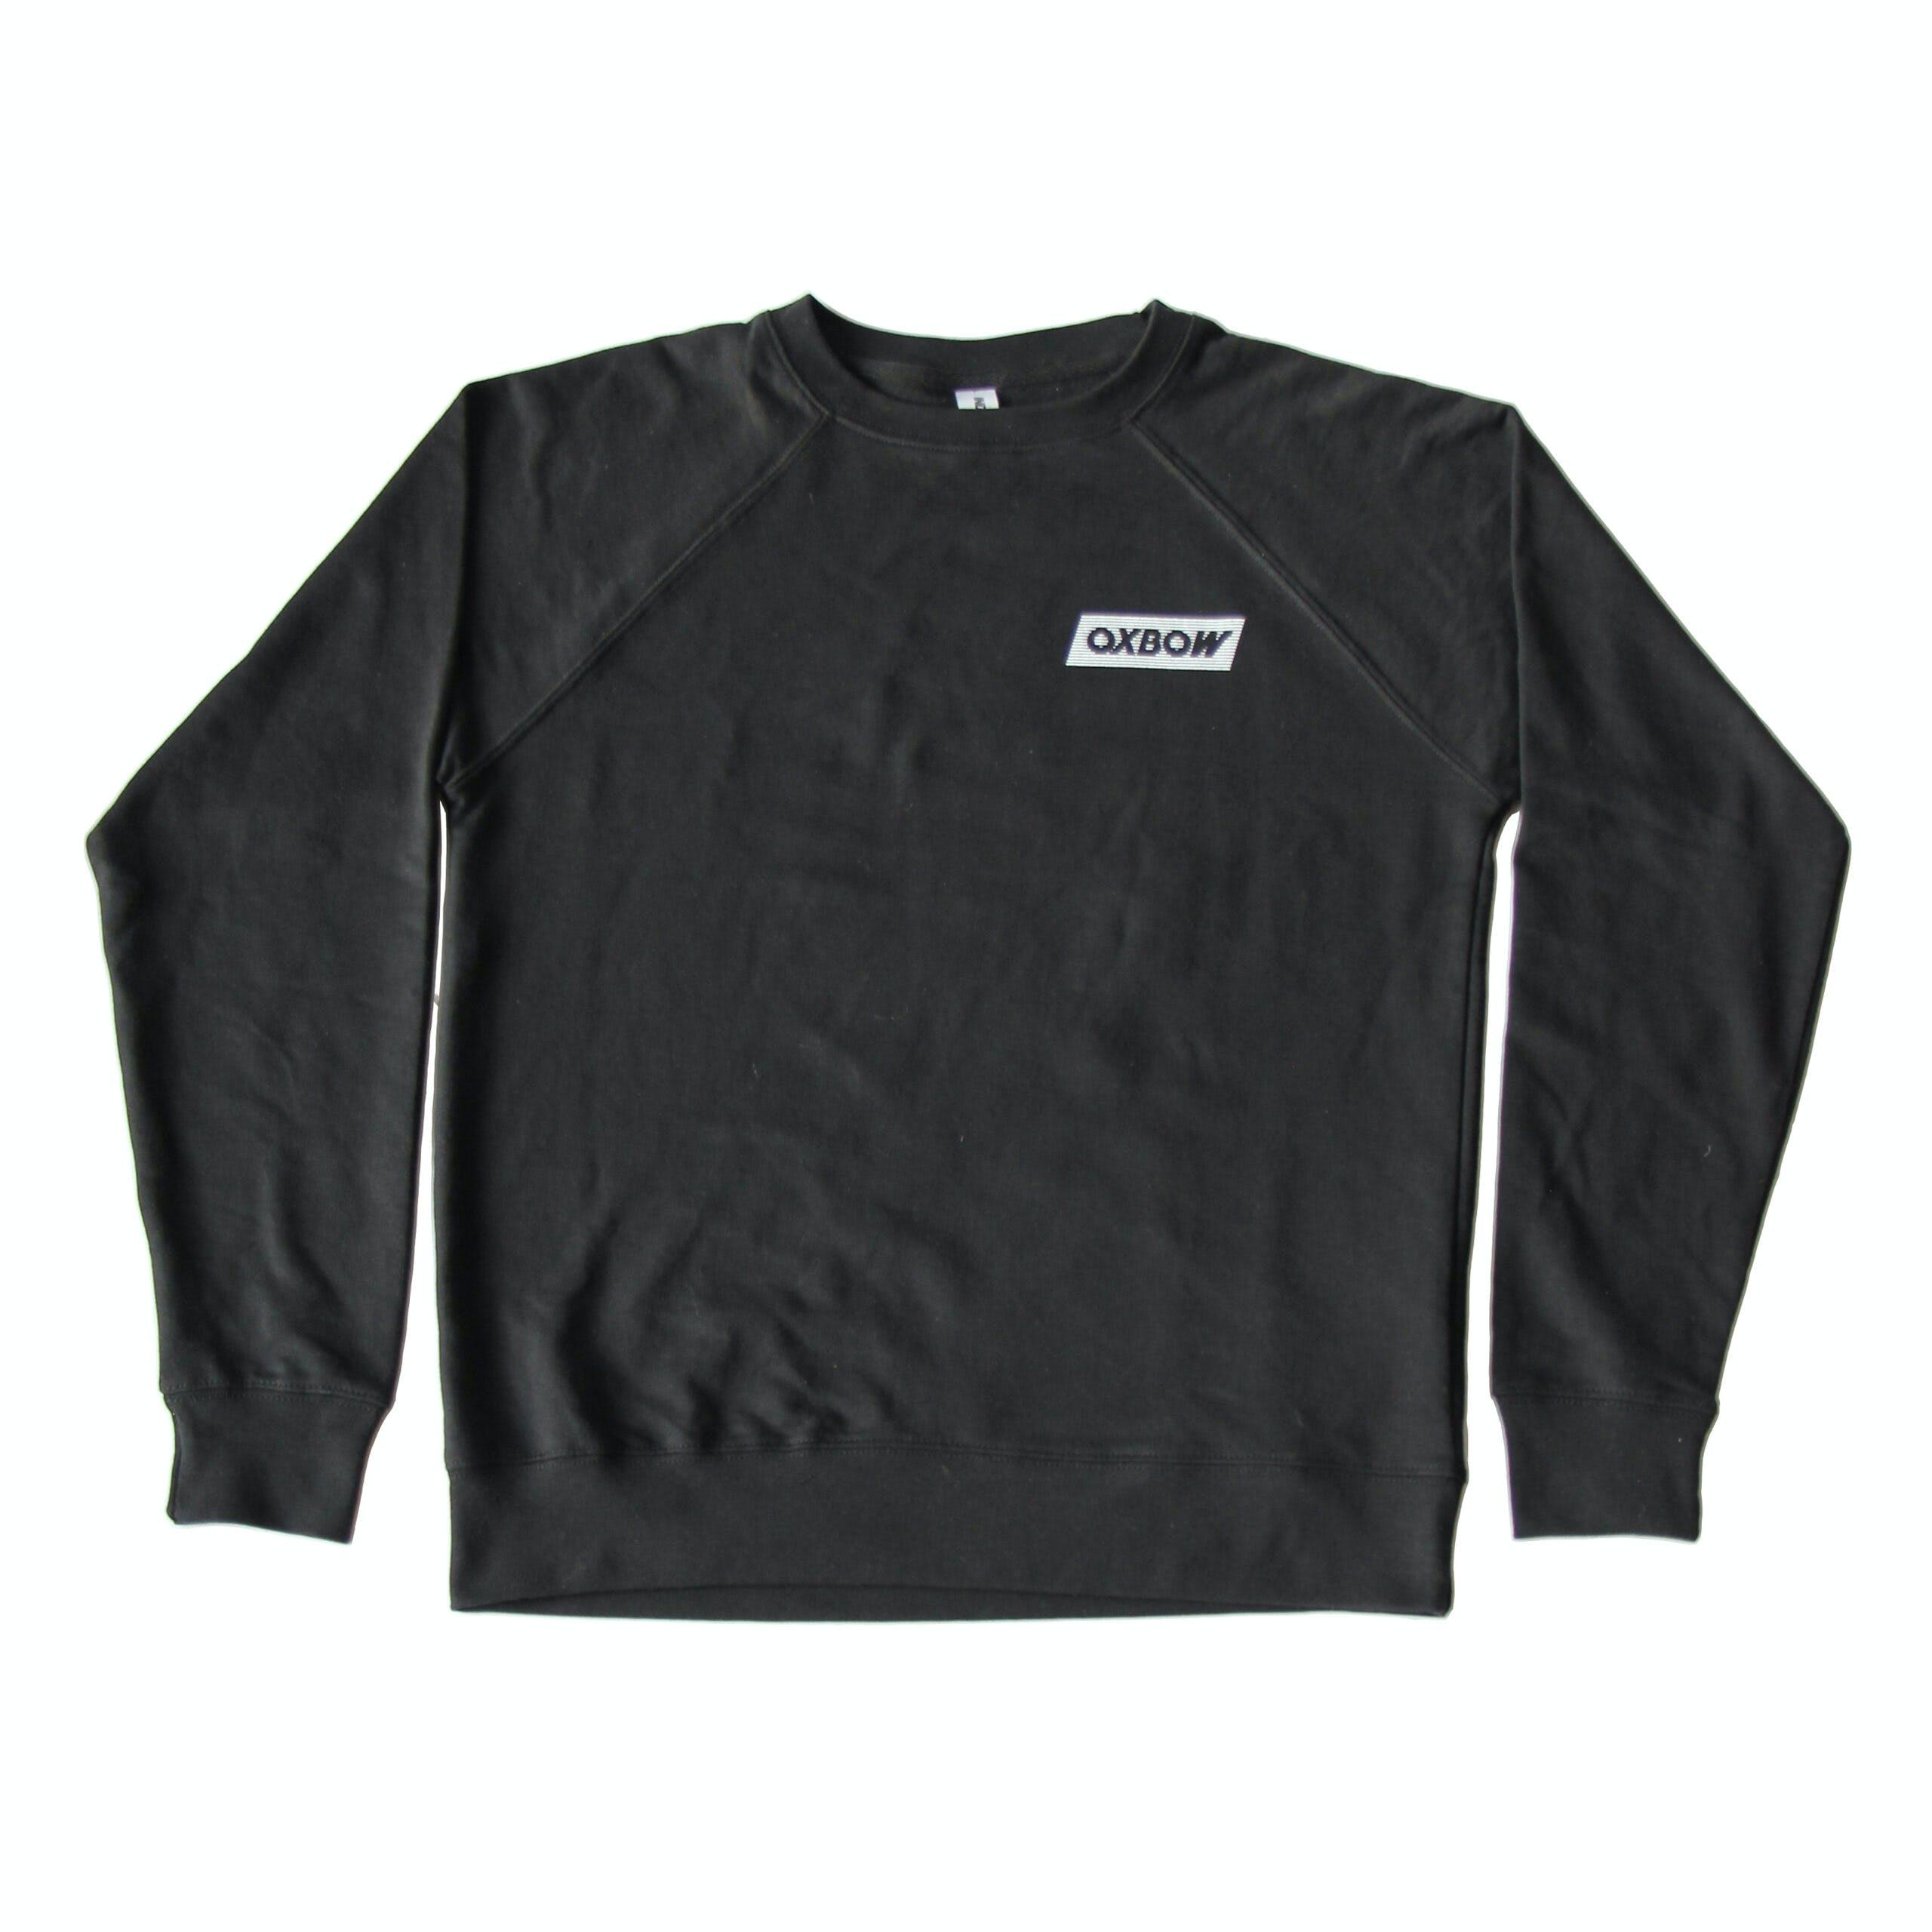 OXBOW Herren T-Shirt M1tort